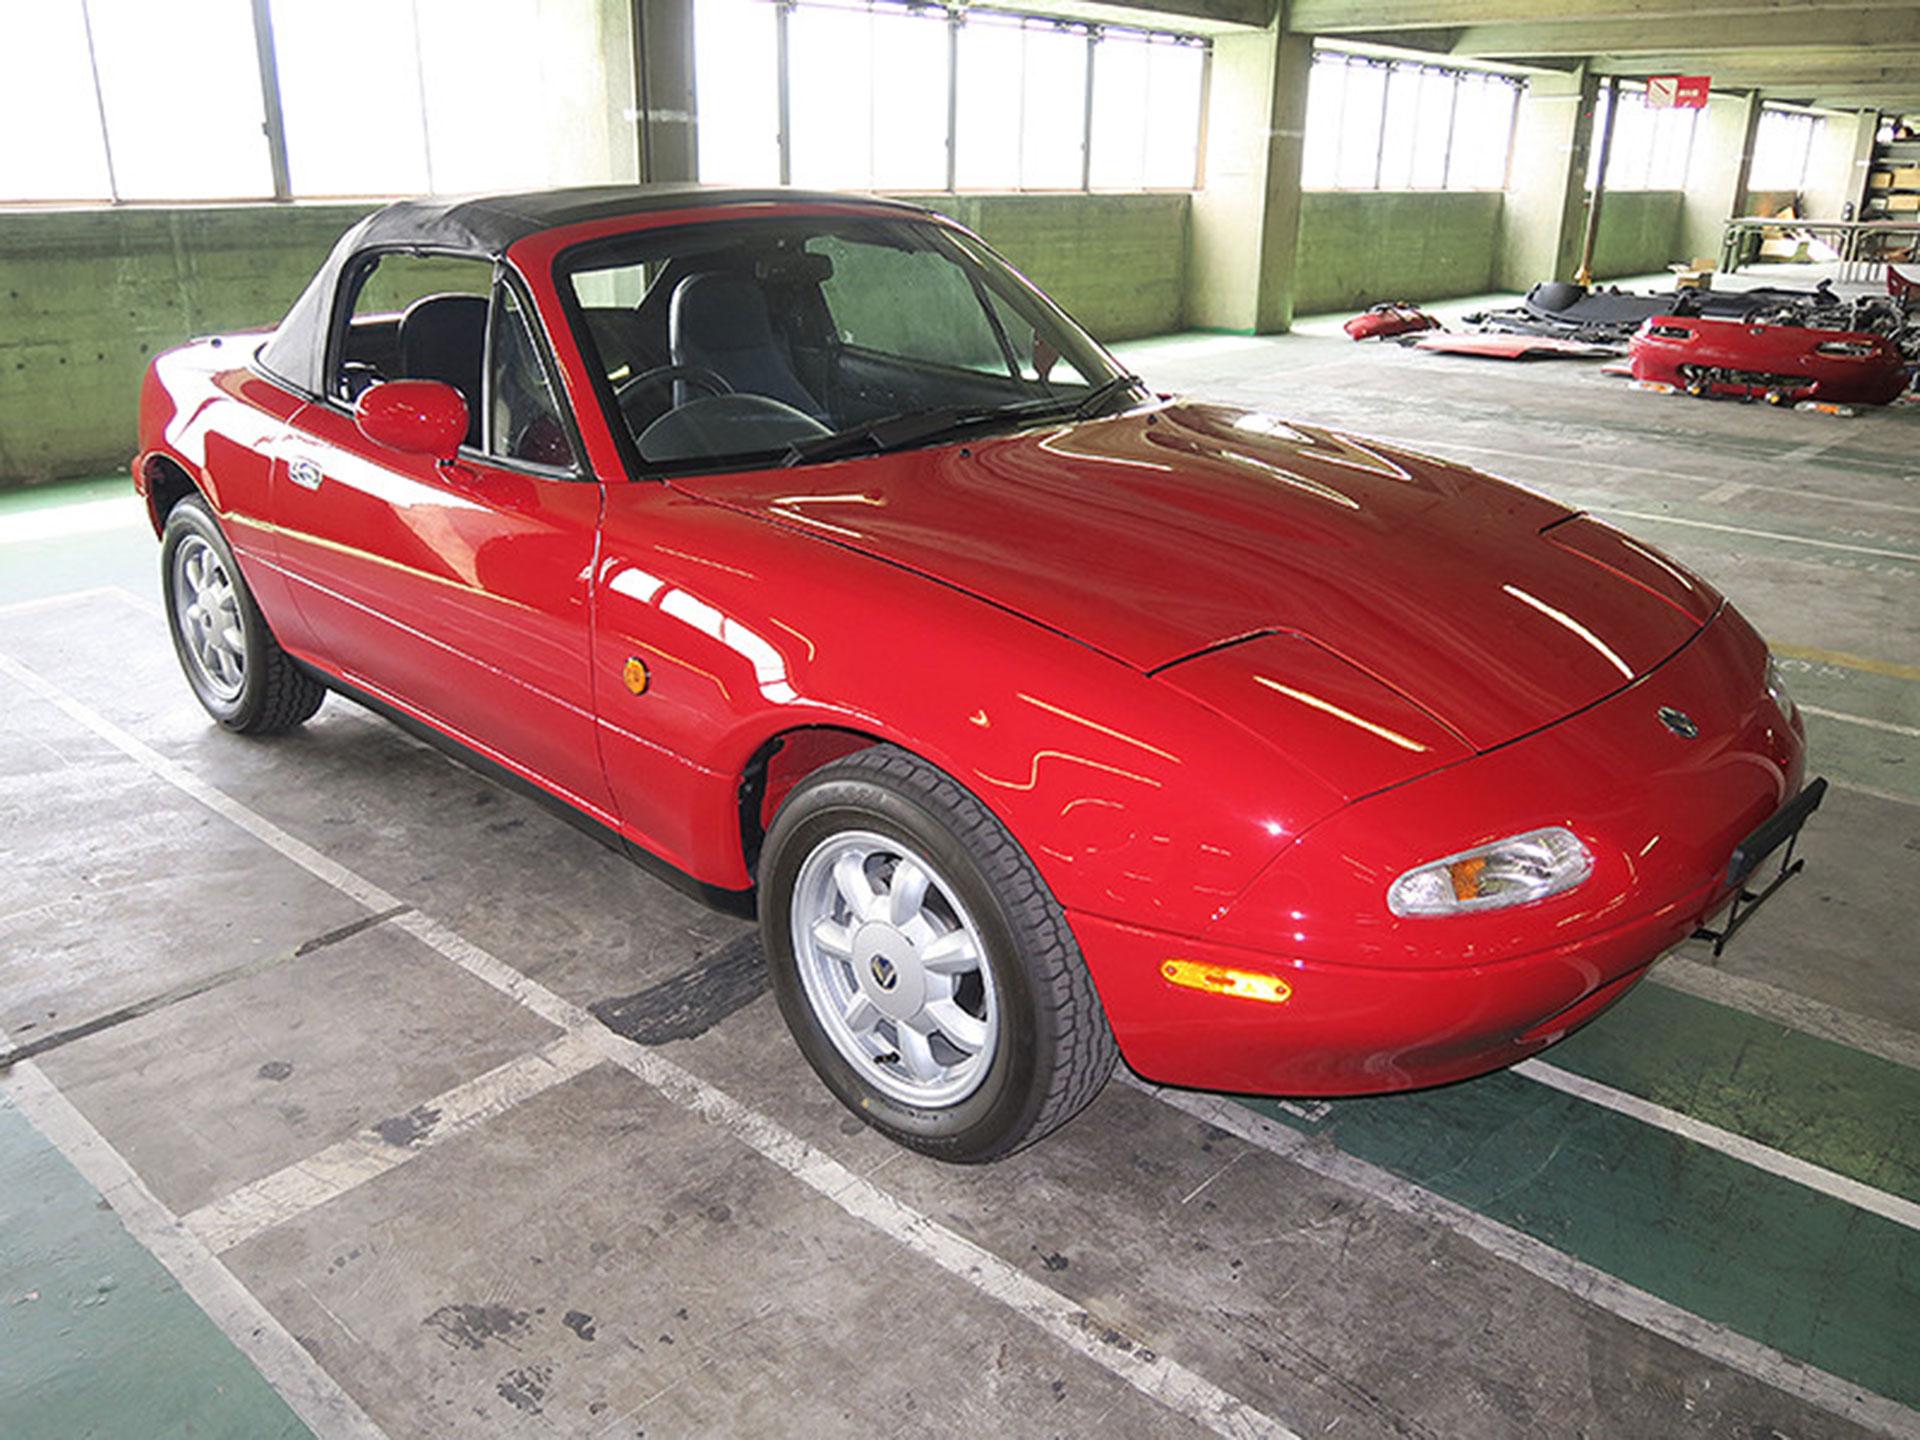 El taller empezará a percibir solicitudes de restauración en Japón y las pondrá en funciona hasta 2018. Foto: Mazda